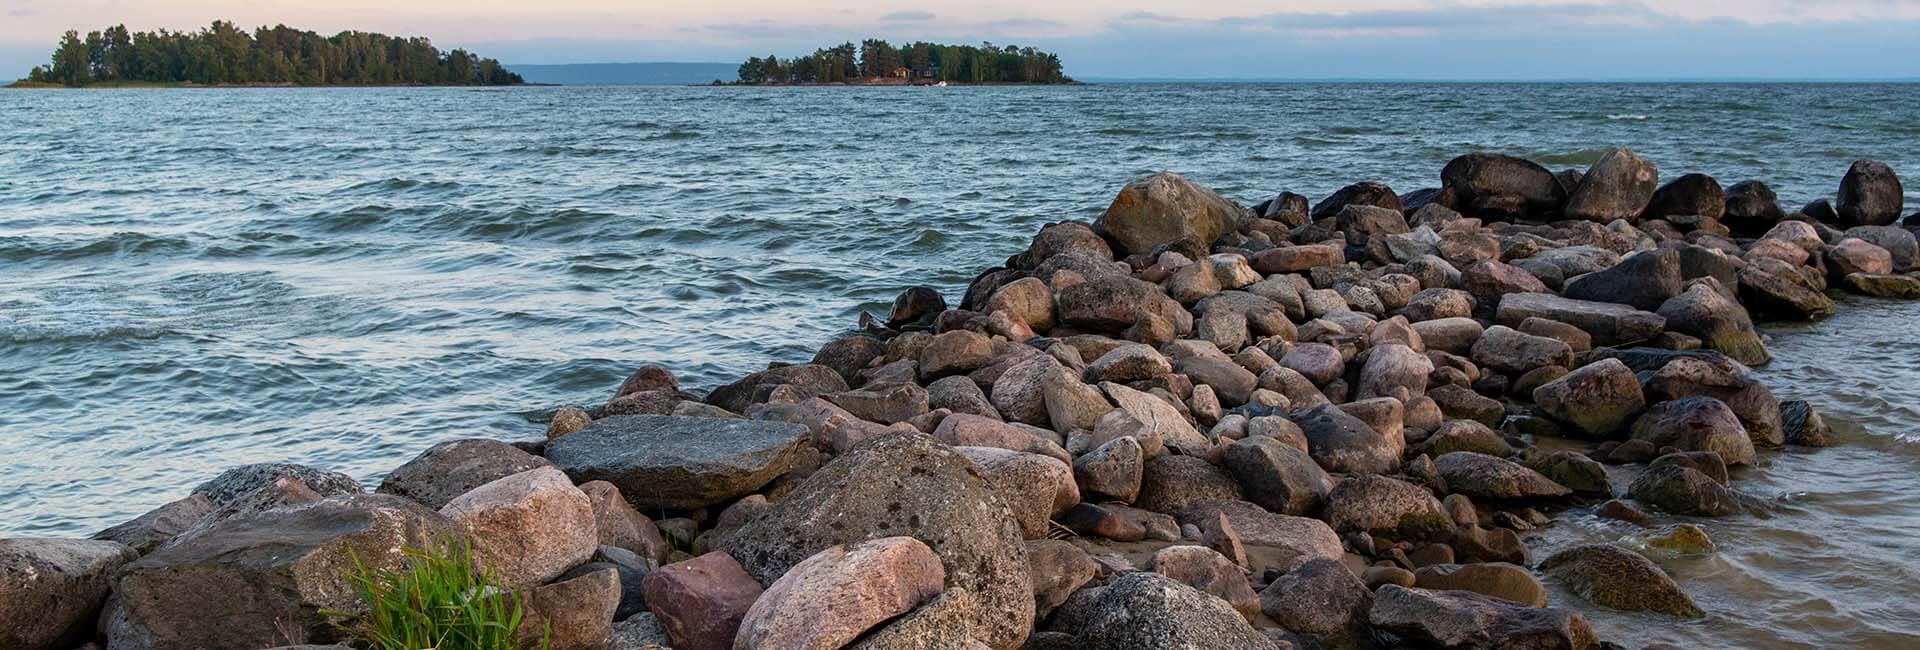 Sörbostrands camping utsikt över Vänern